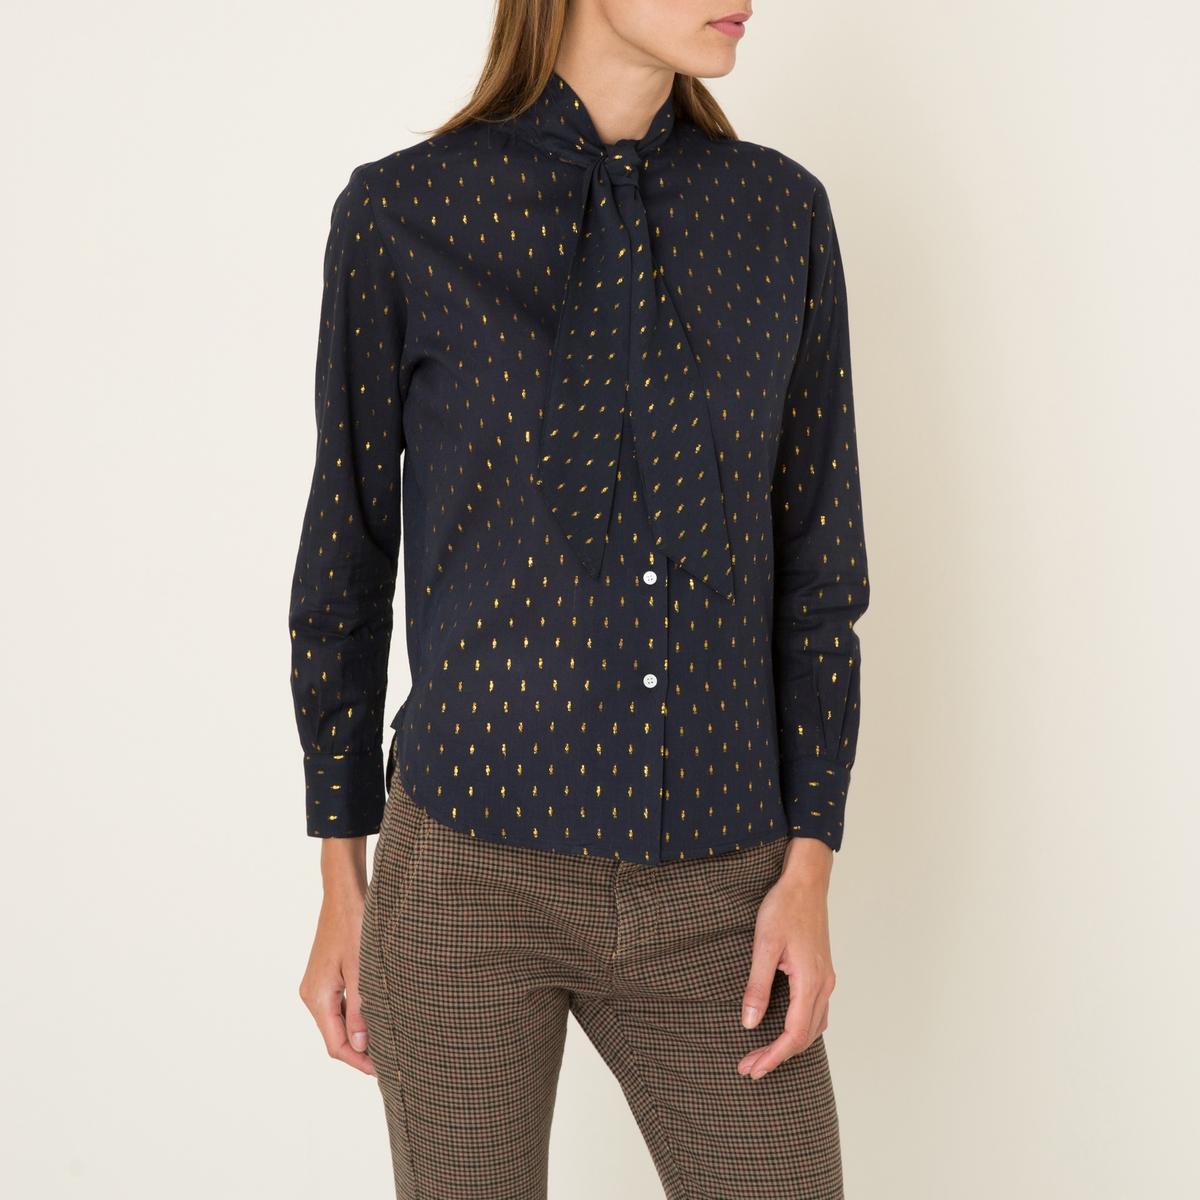 Рубашка ANASTASIAРубашка SOEUR - модель ANASTASIA . Вуаль с рисунком из люрекса  . Воротник-галстук. Длинные узкие рукава. Планка застежки на пуговицы спереди.Состав и описание Материал : 90% хлопка, 10% люрексаМарка : SOEUR<br><br>Цвет: темно-синий/ золотистый